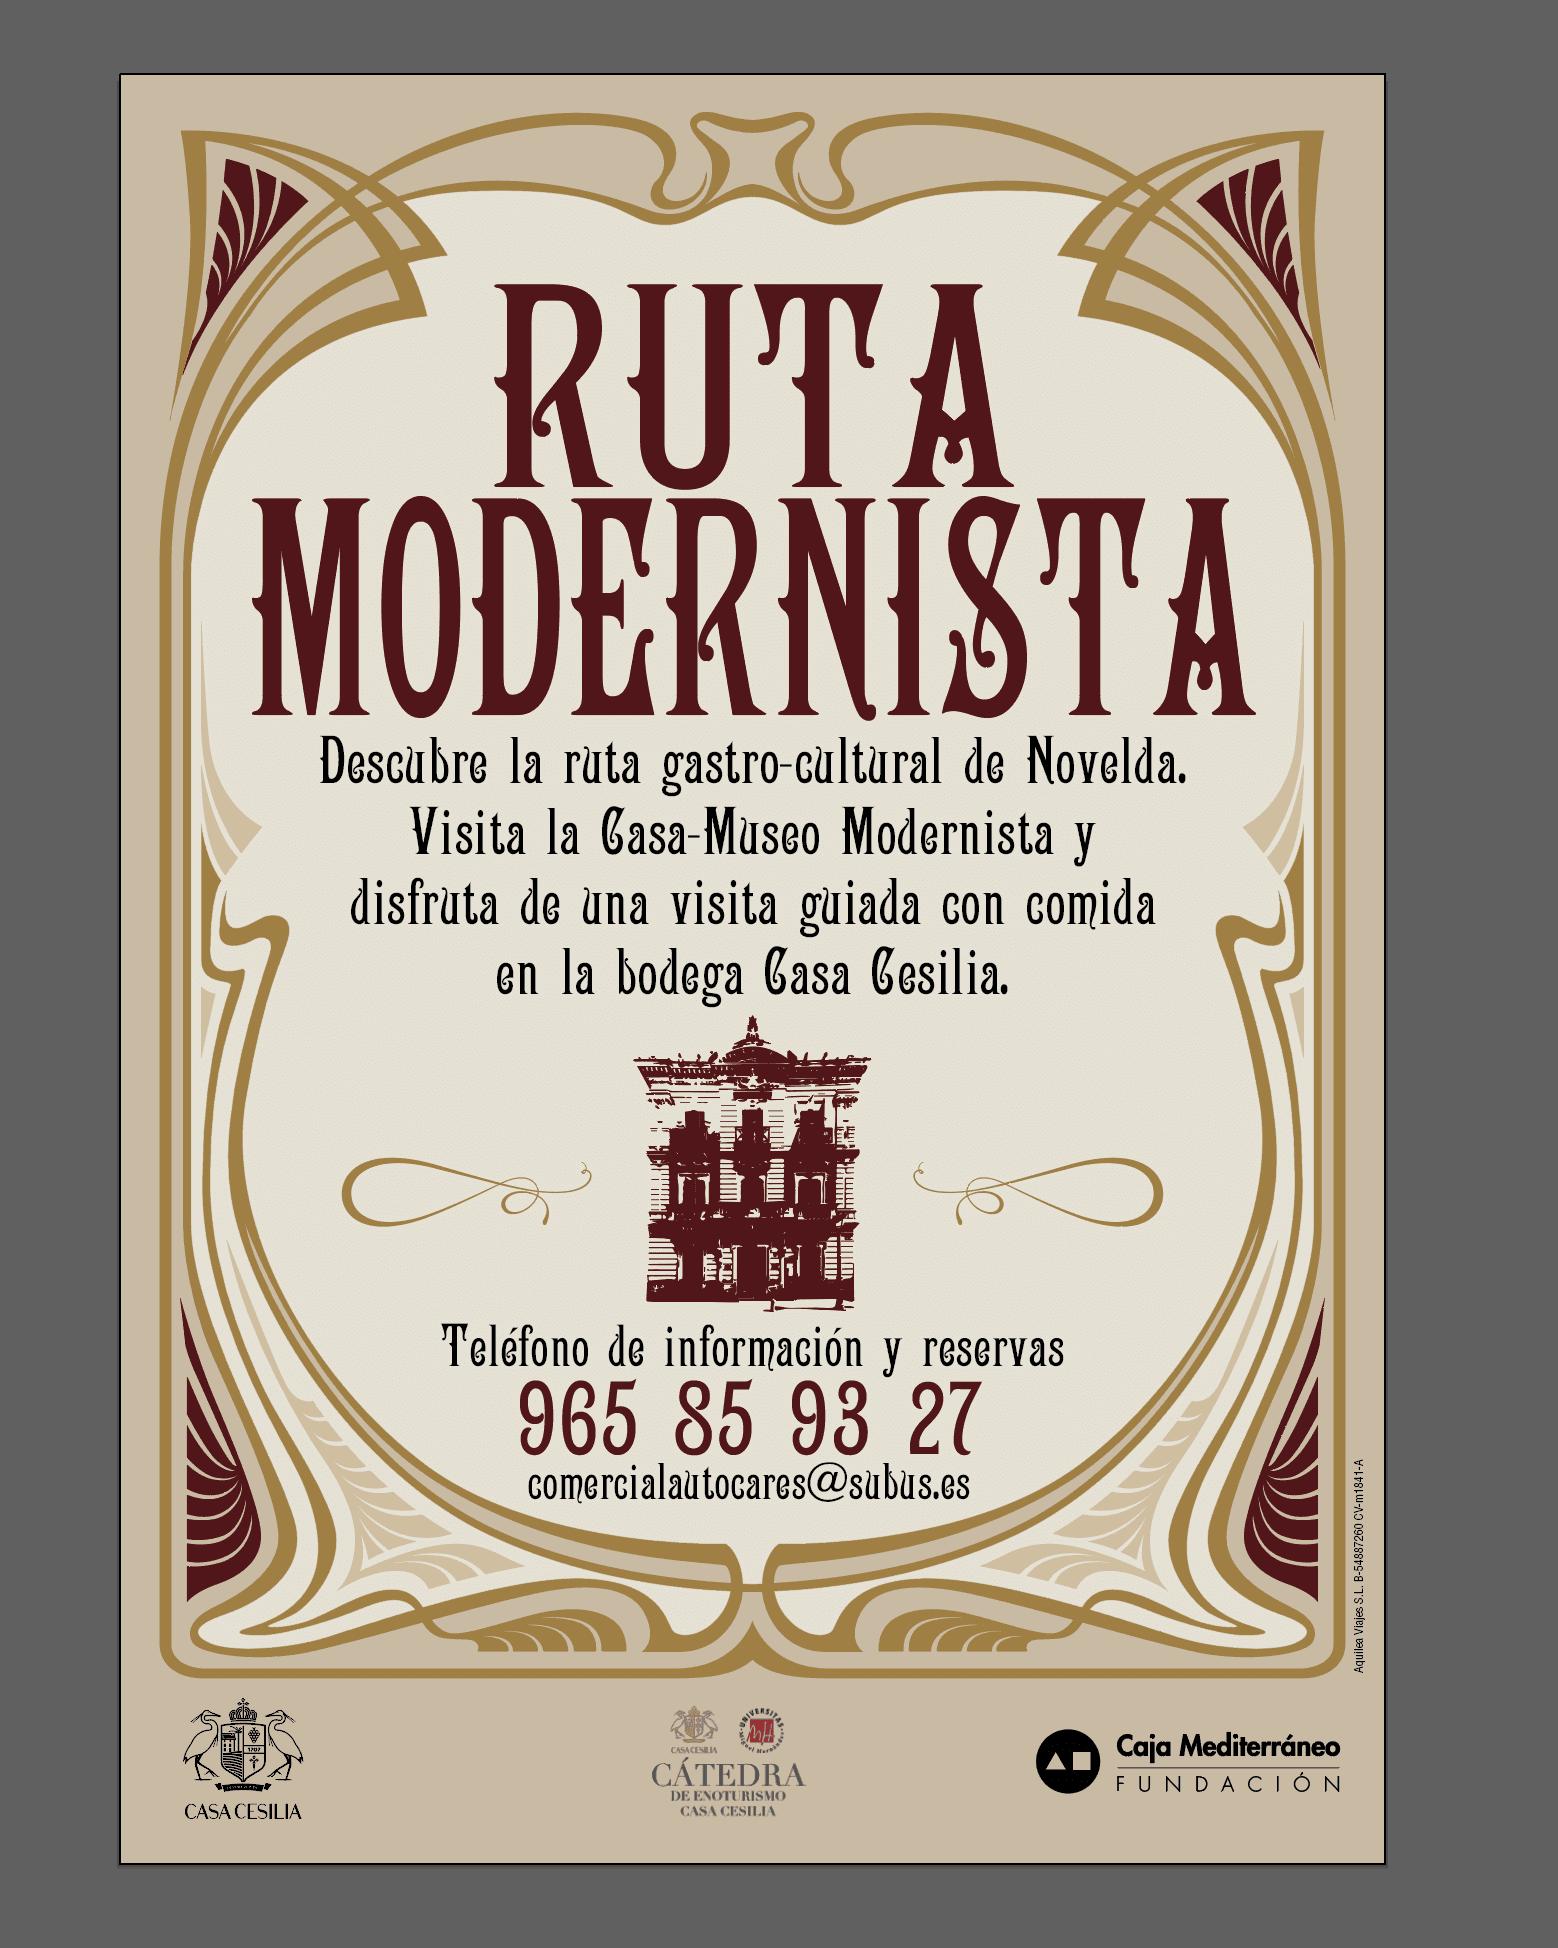 Vectalia y fundaci n cam lanzan la ruta modernista de novelda - Contactos novelda ...